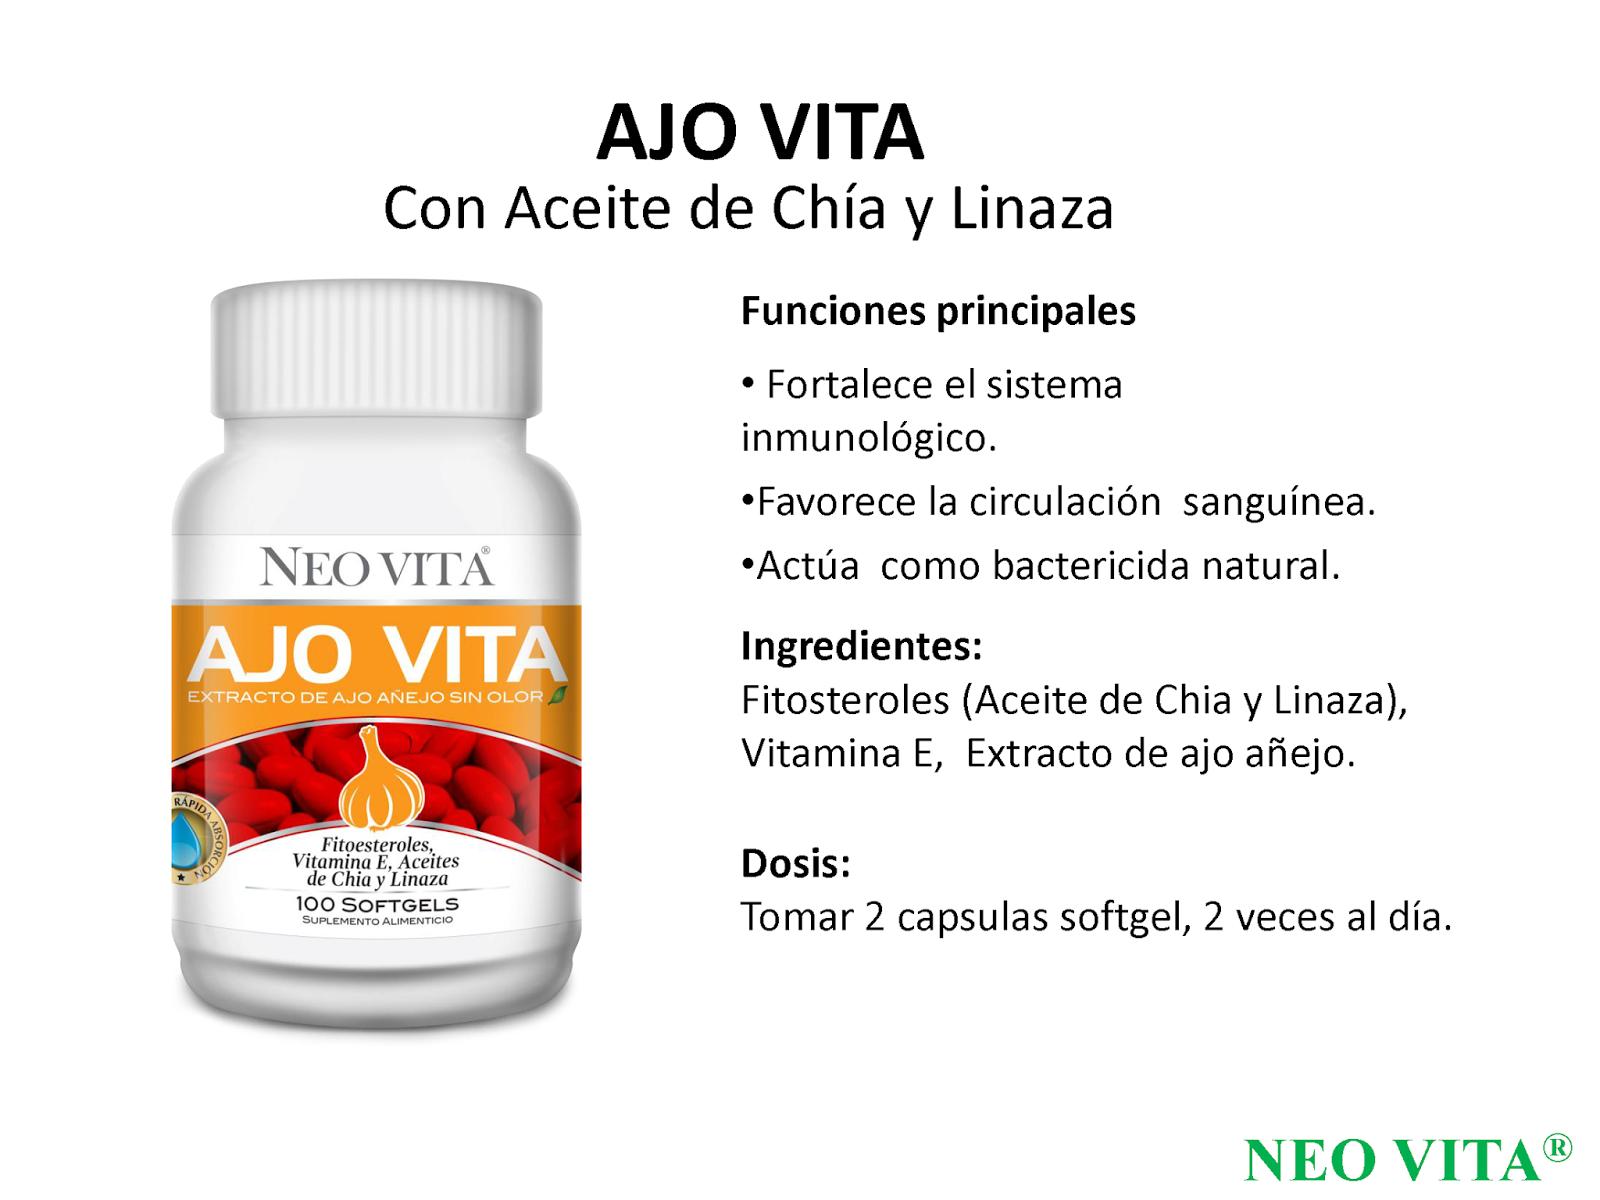 Colageno usos y beneficios artritis reumatoide - Alimentos con colageno hidrolizado ...